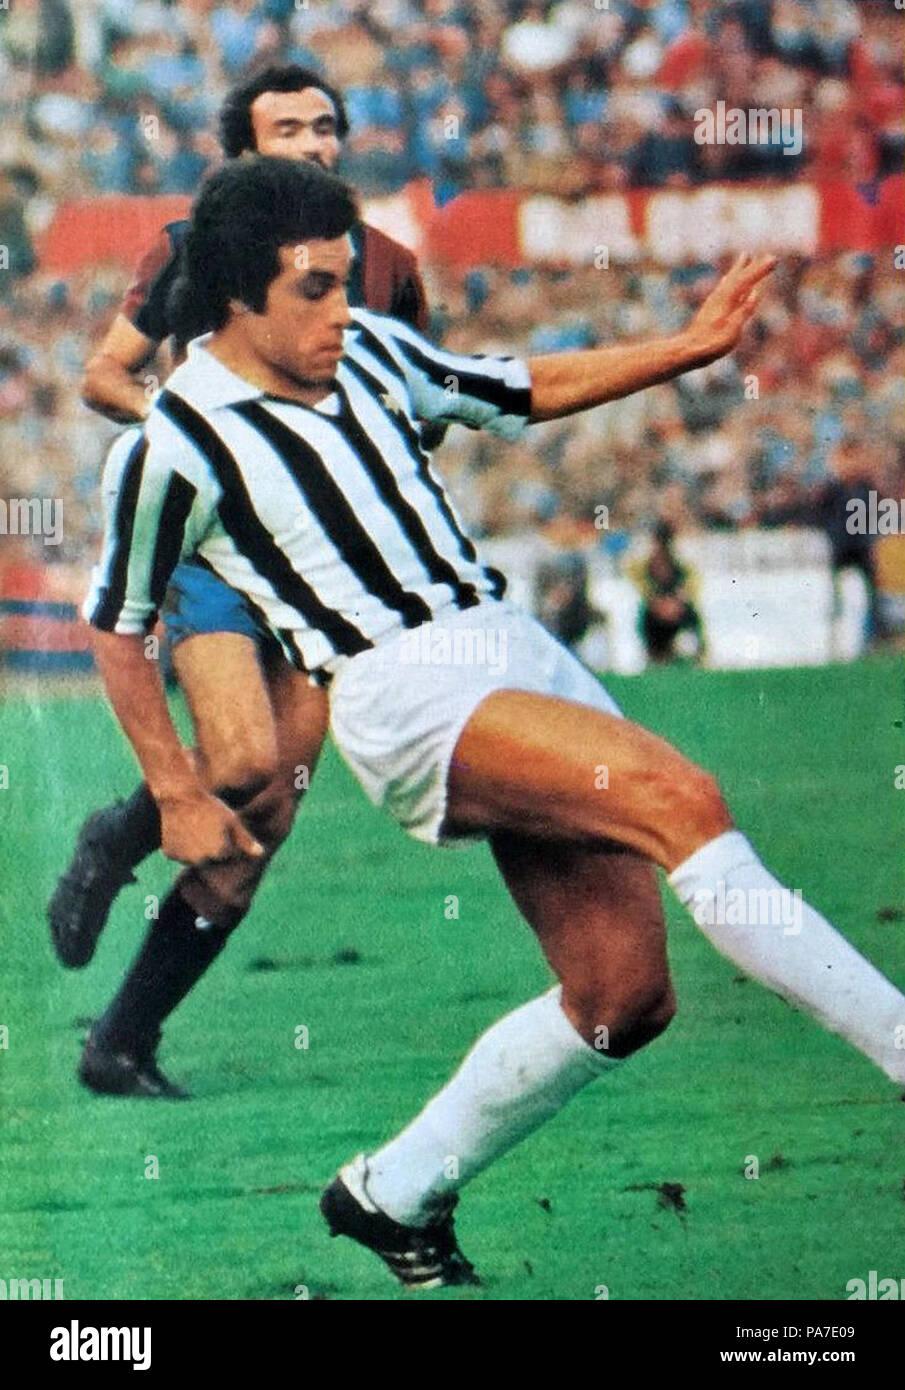 95 Franco Causio - 1974 - Juventus FC Stock Photo